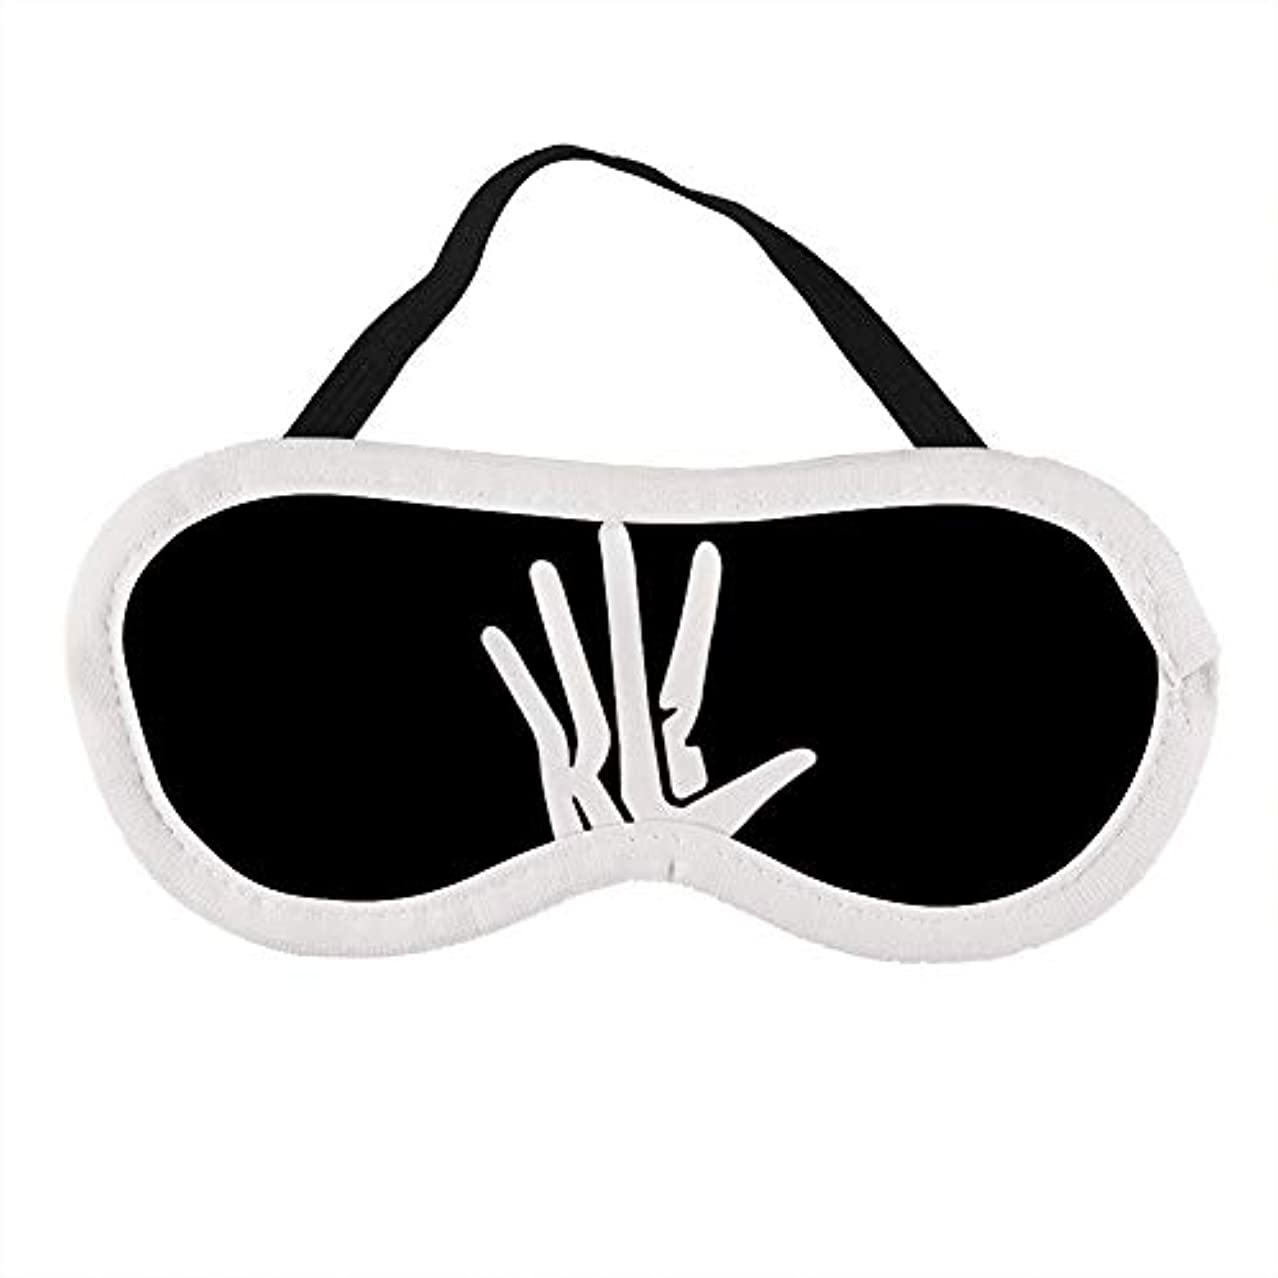 情熱アピール別れるカワイ レナード バス 選手 手 ロゴ睡眠旅行のためのファッションソフトスリープアイマスクアイシェード目隠しは、昼寝ブロックライトを作業します